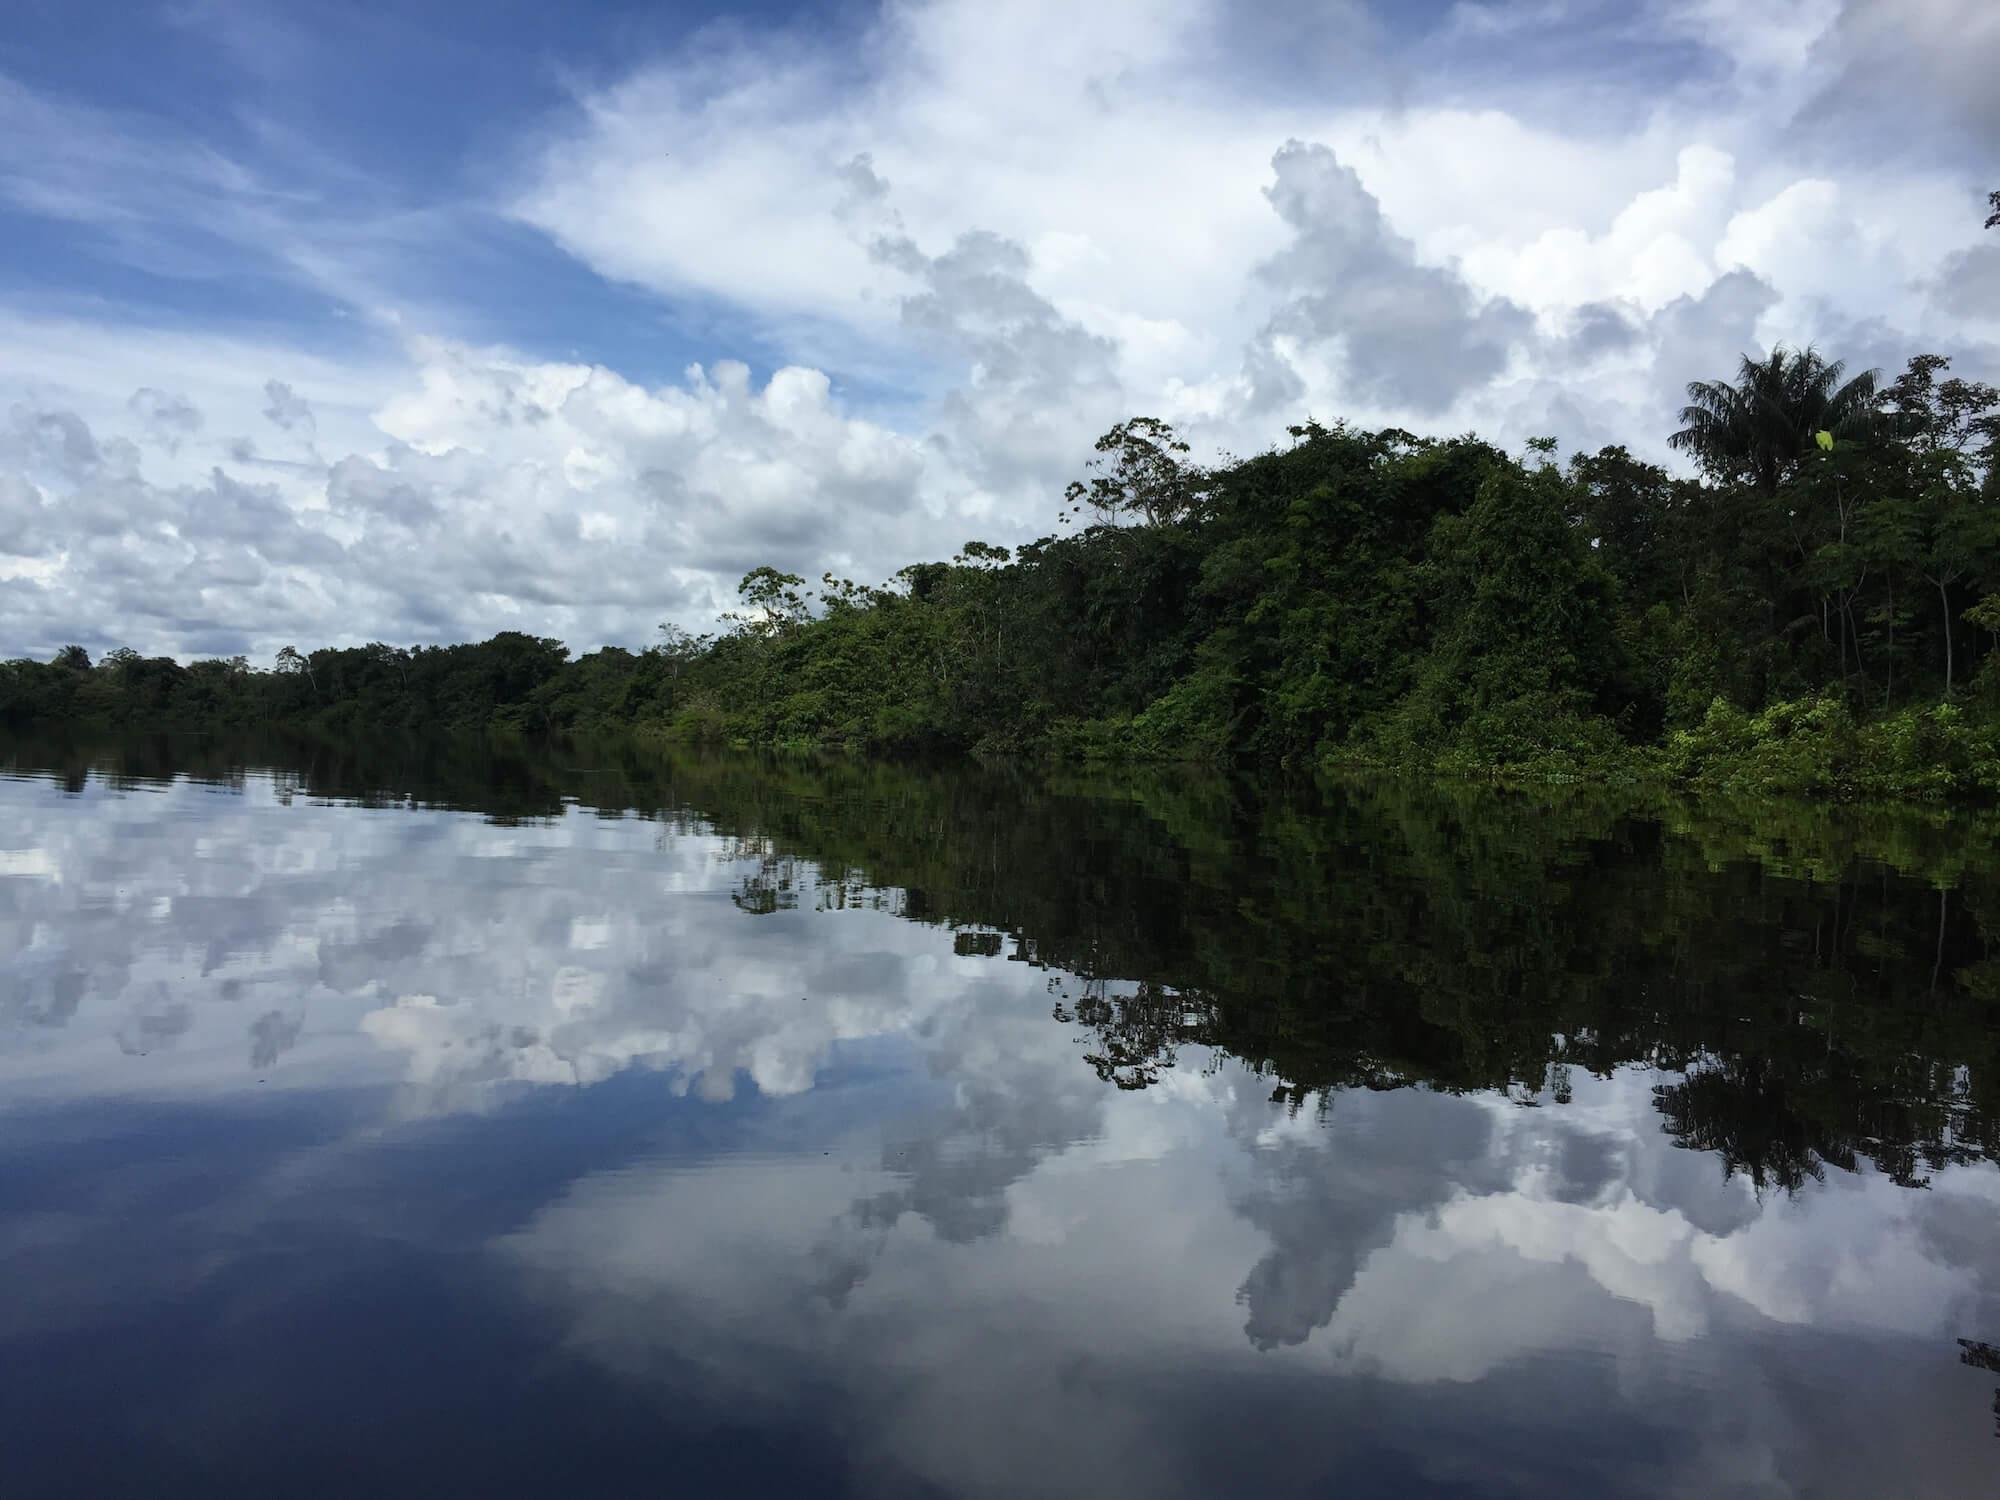 Aprenderás recetas tradicionales amazónicas, explorarás nuevos sabores e ingredientes y descubrirás técnicas culinarias que nunca creías que existieran -